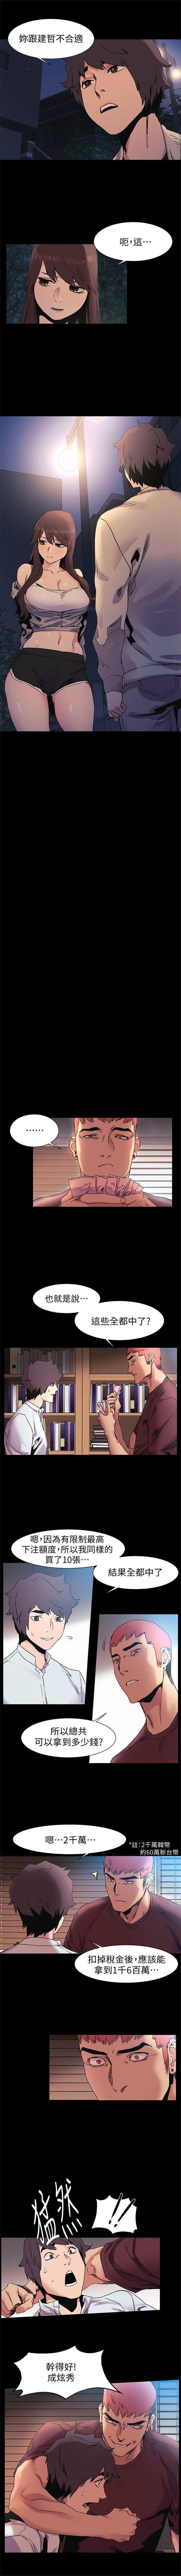 (週5)衝突 1-94 中文翻譯 (更新中) 168